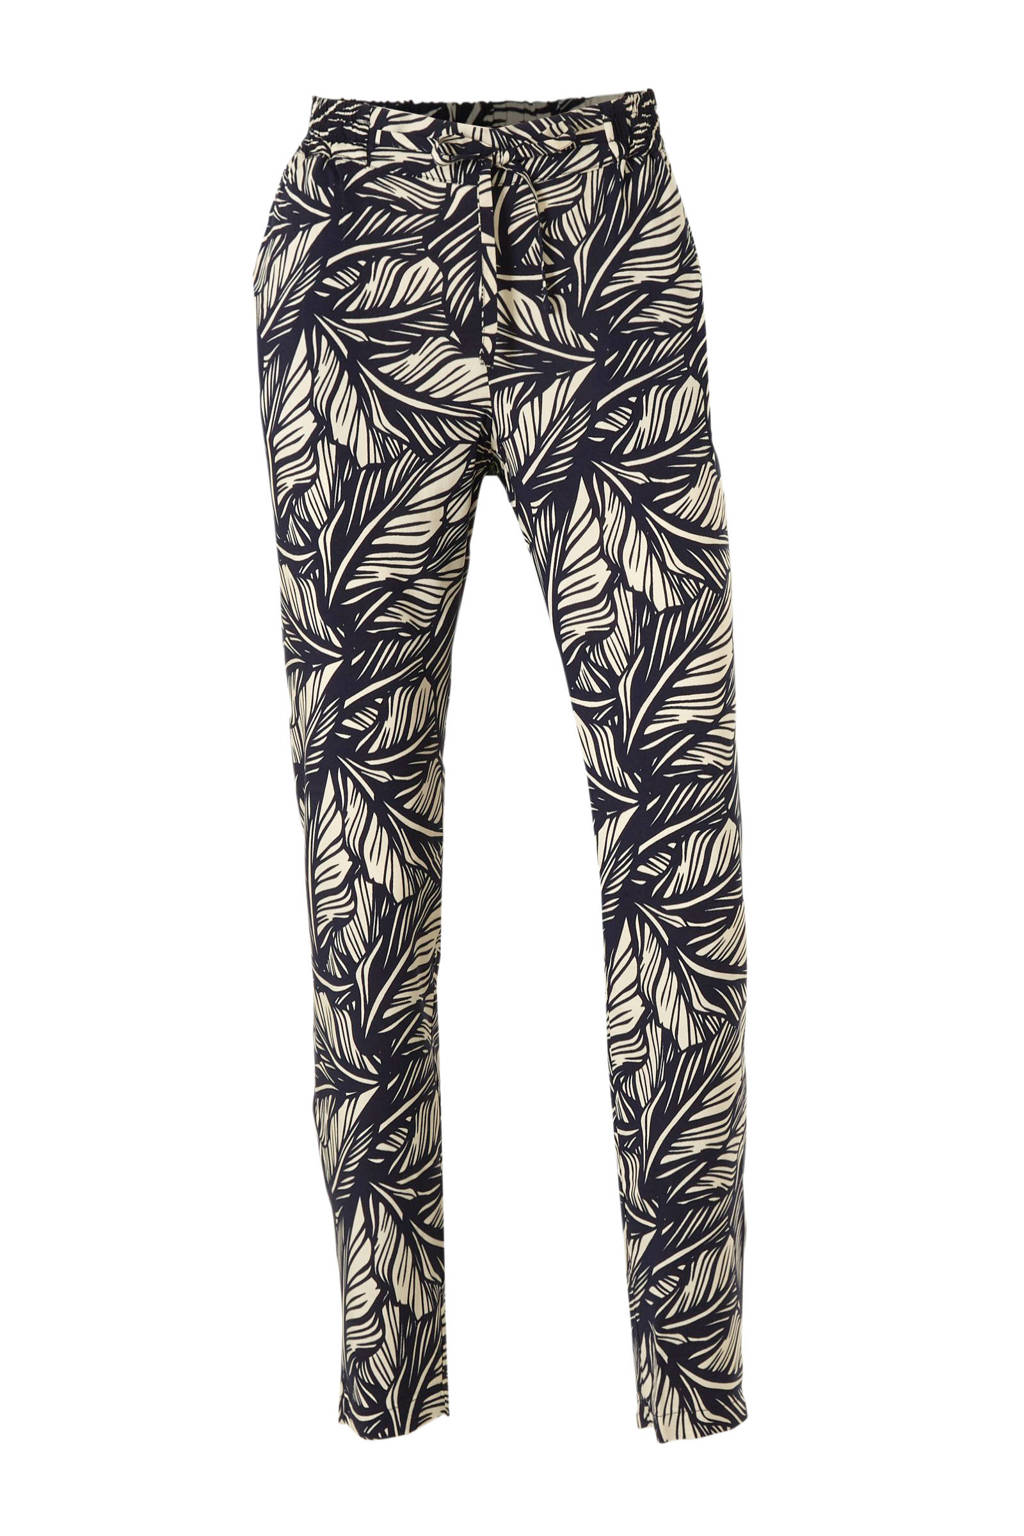 VERO MODA regular fit broek met bladprint donkerblauw/beige, Donkerblauw/Beige